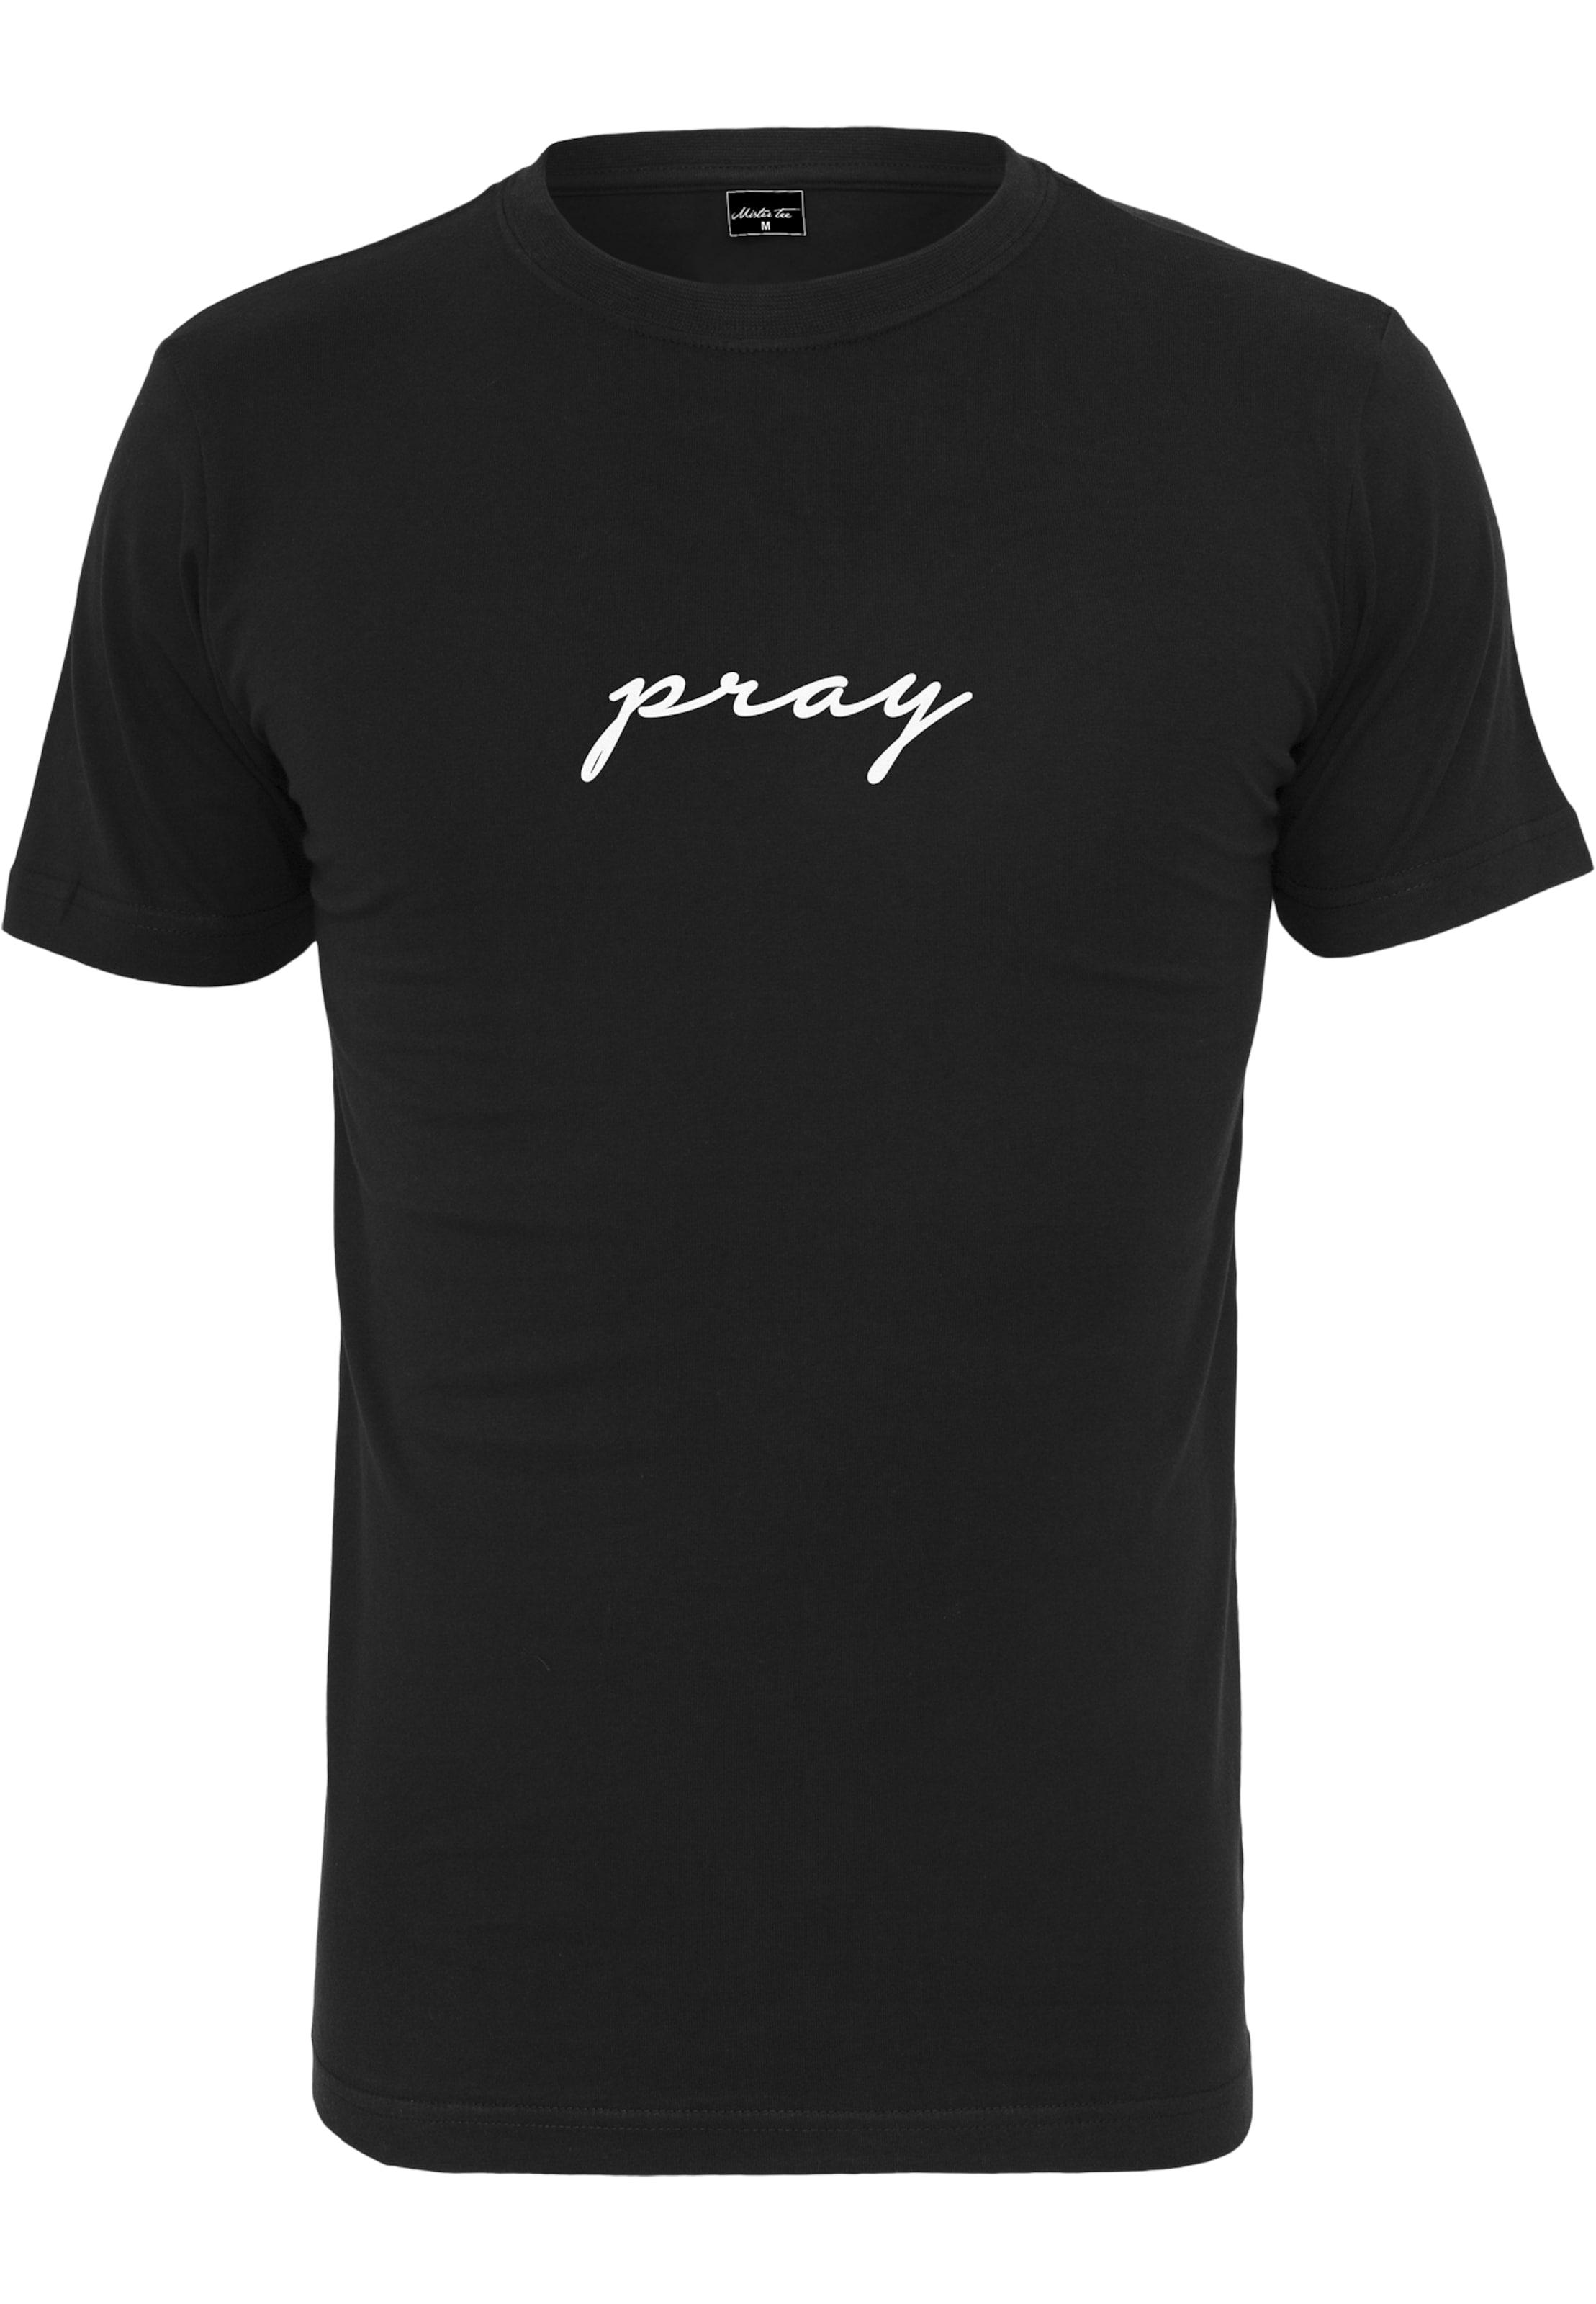 SchwarzWeiß Emb' Mister Tee 'pray shirt In T doBCrex